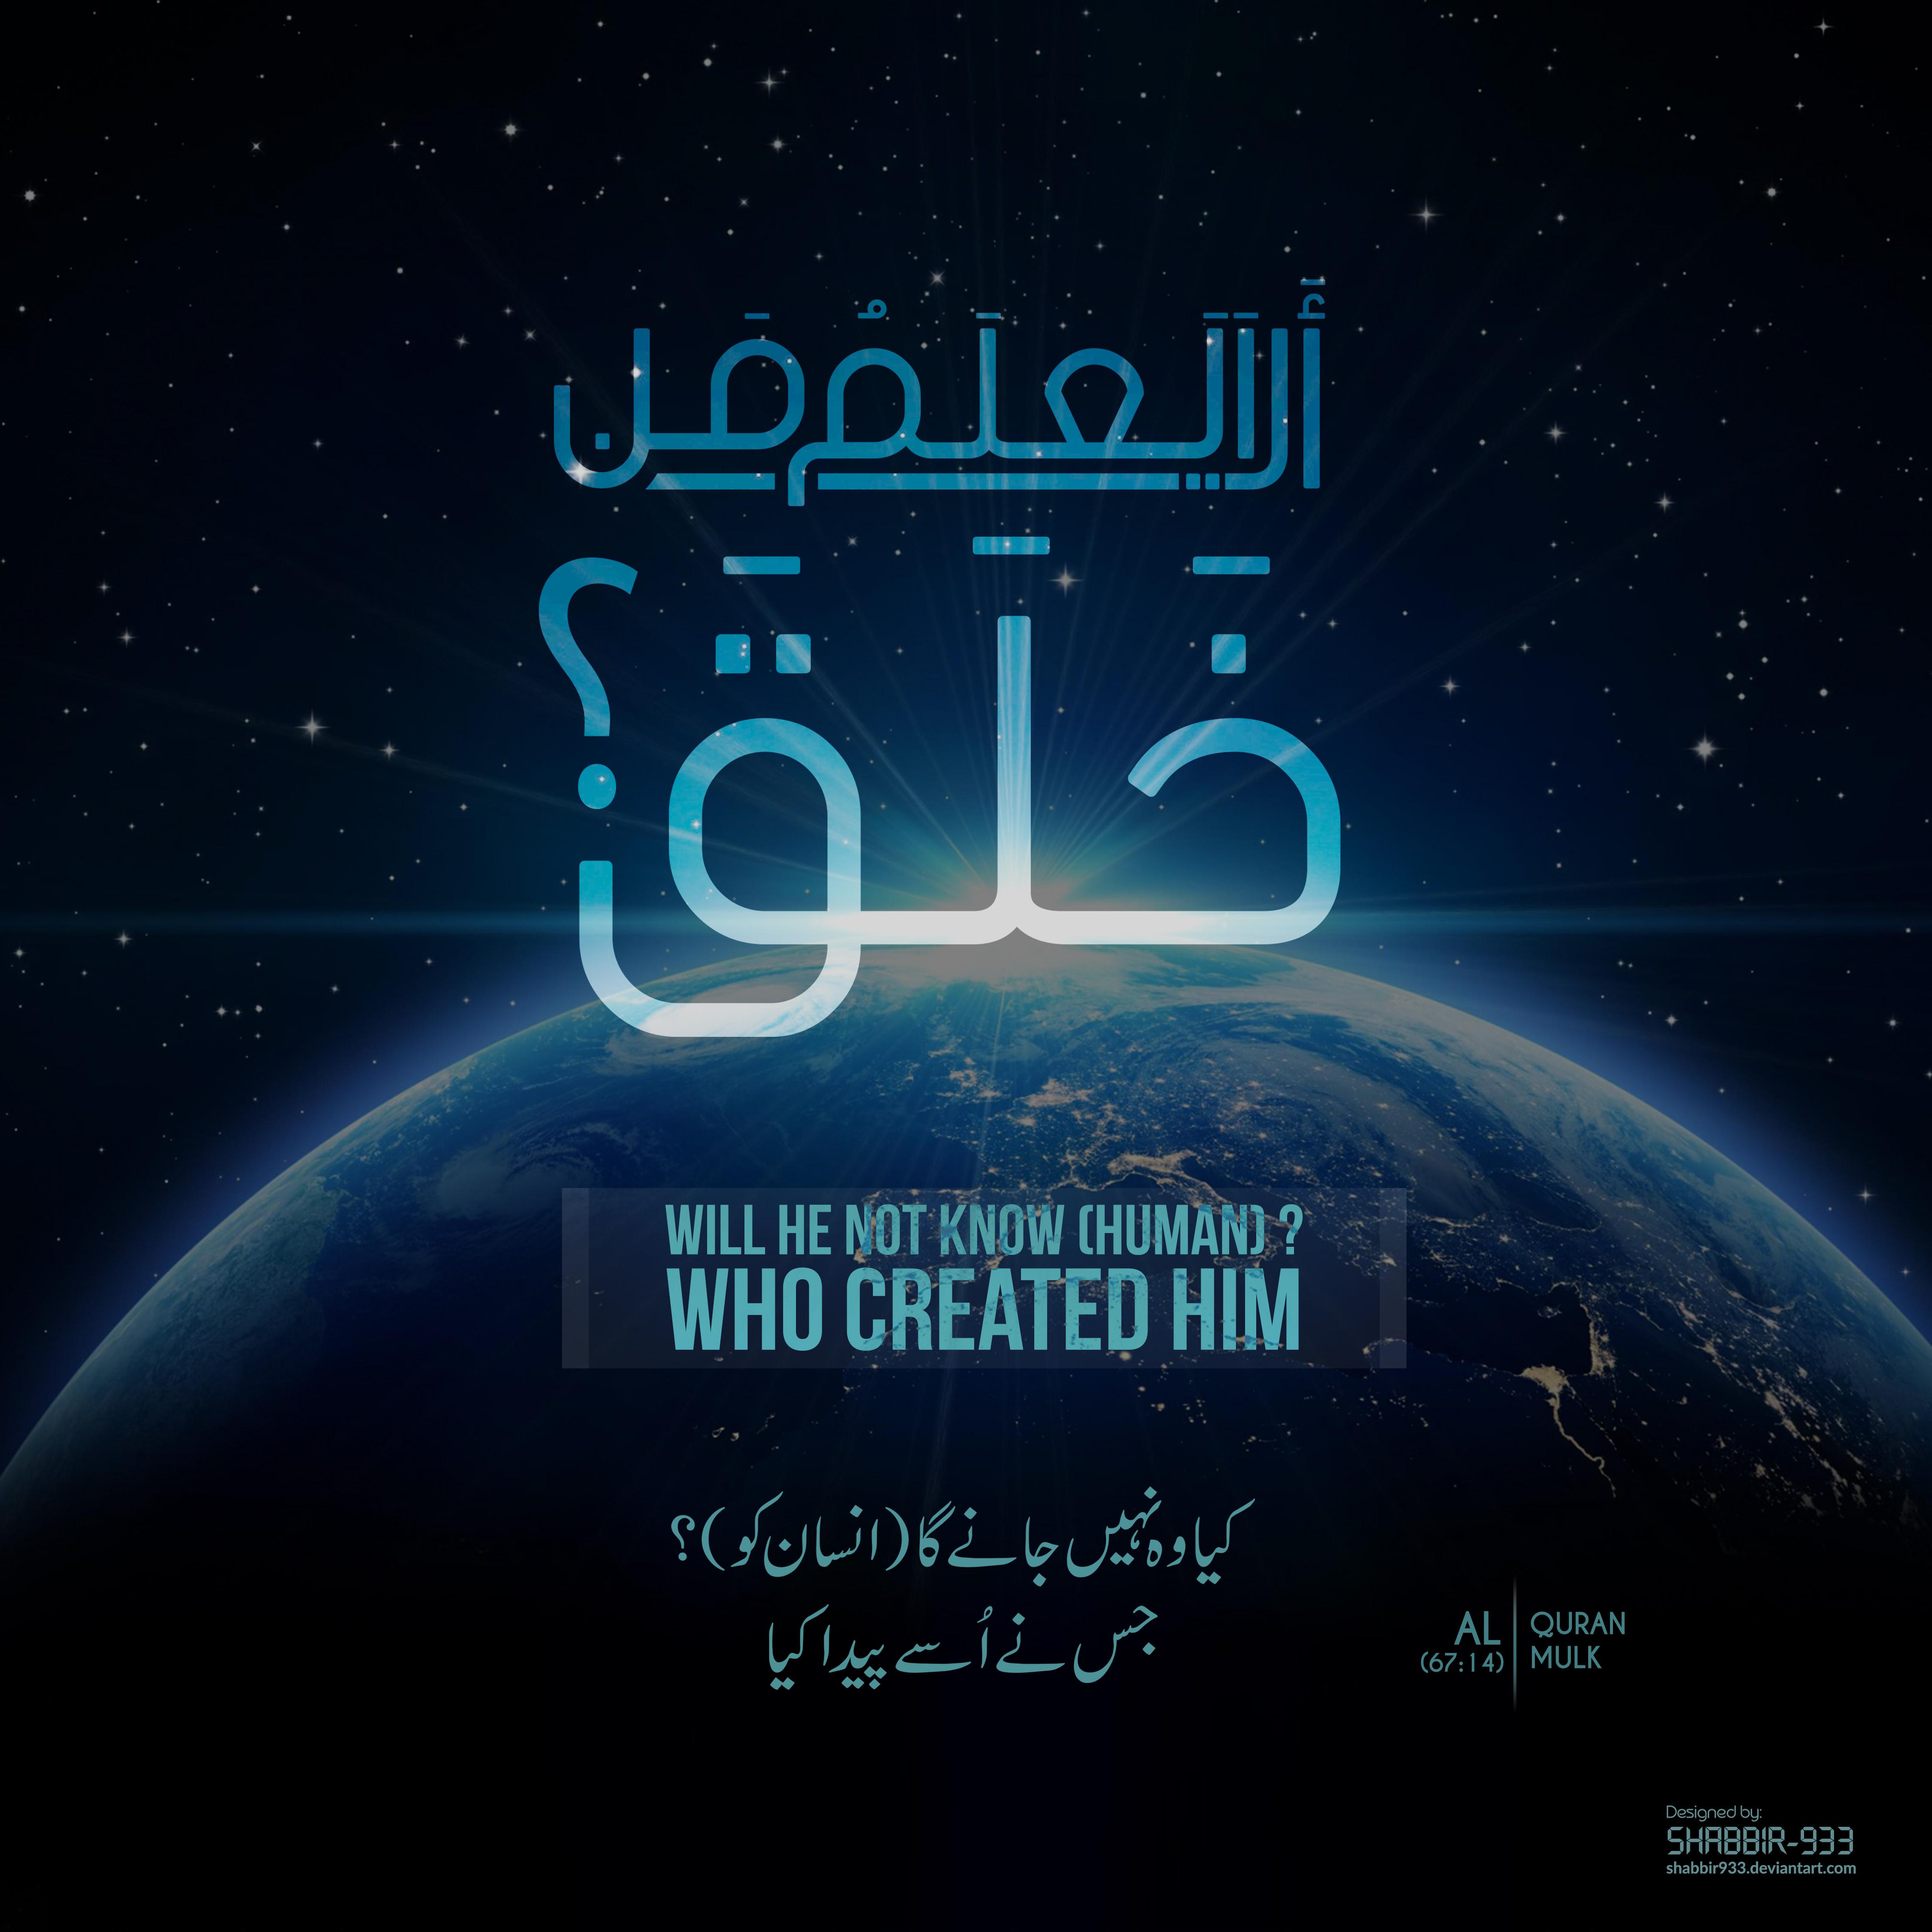 Ala Yalamu Man Khalaqa Wa Huwa Al Latifu Al Khabir by